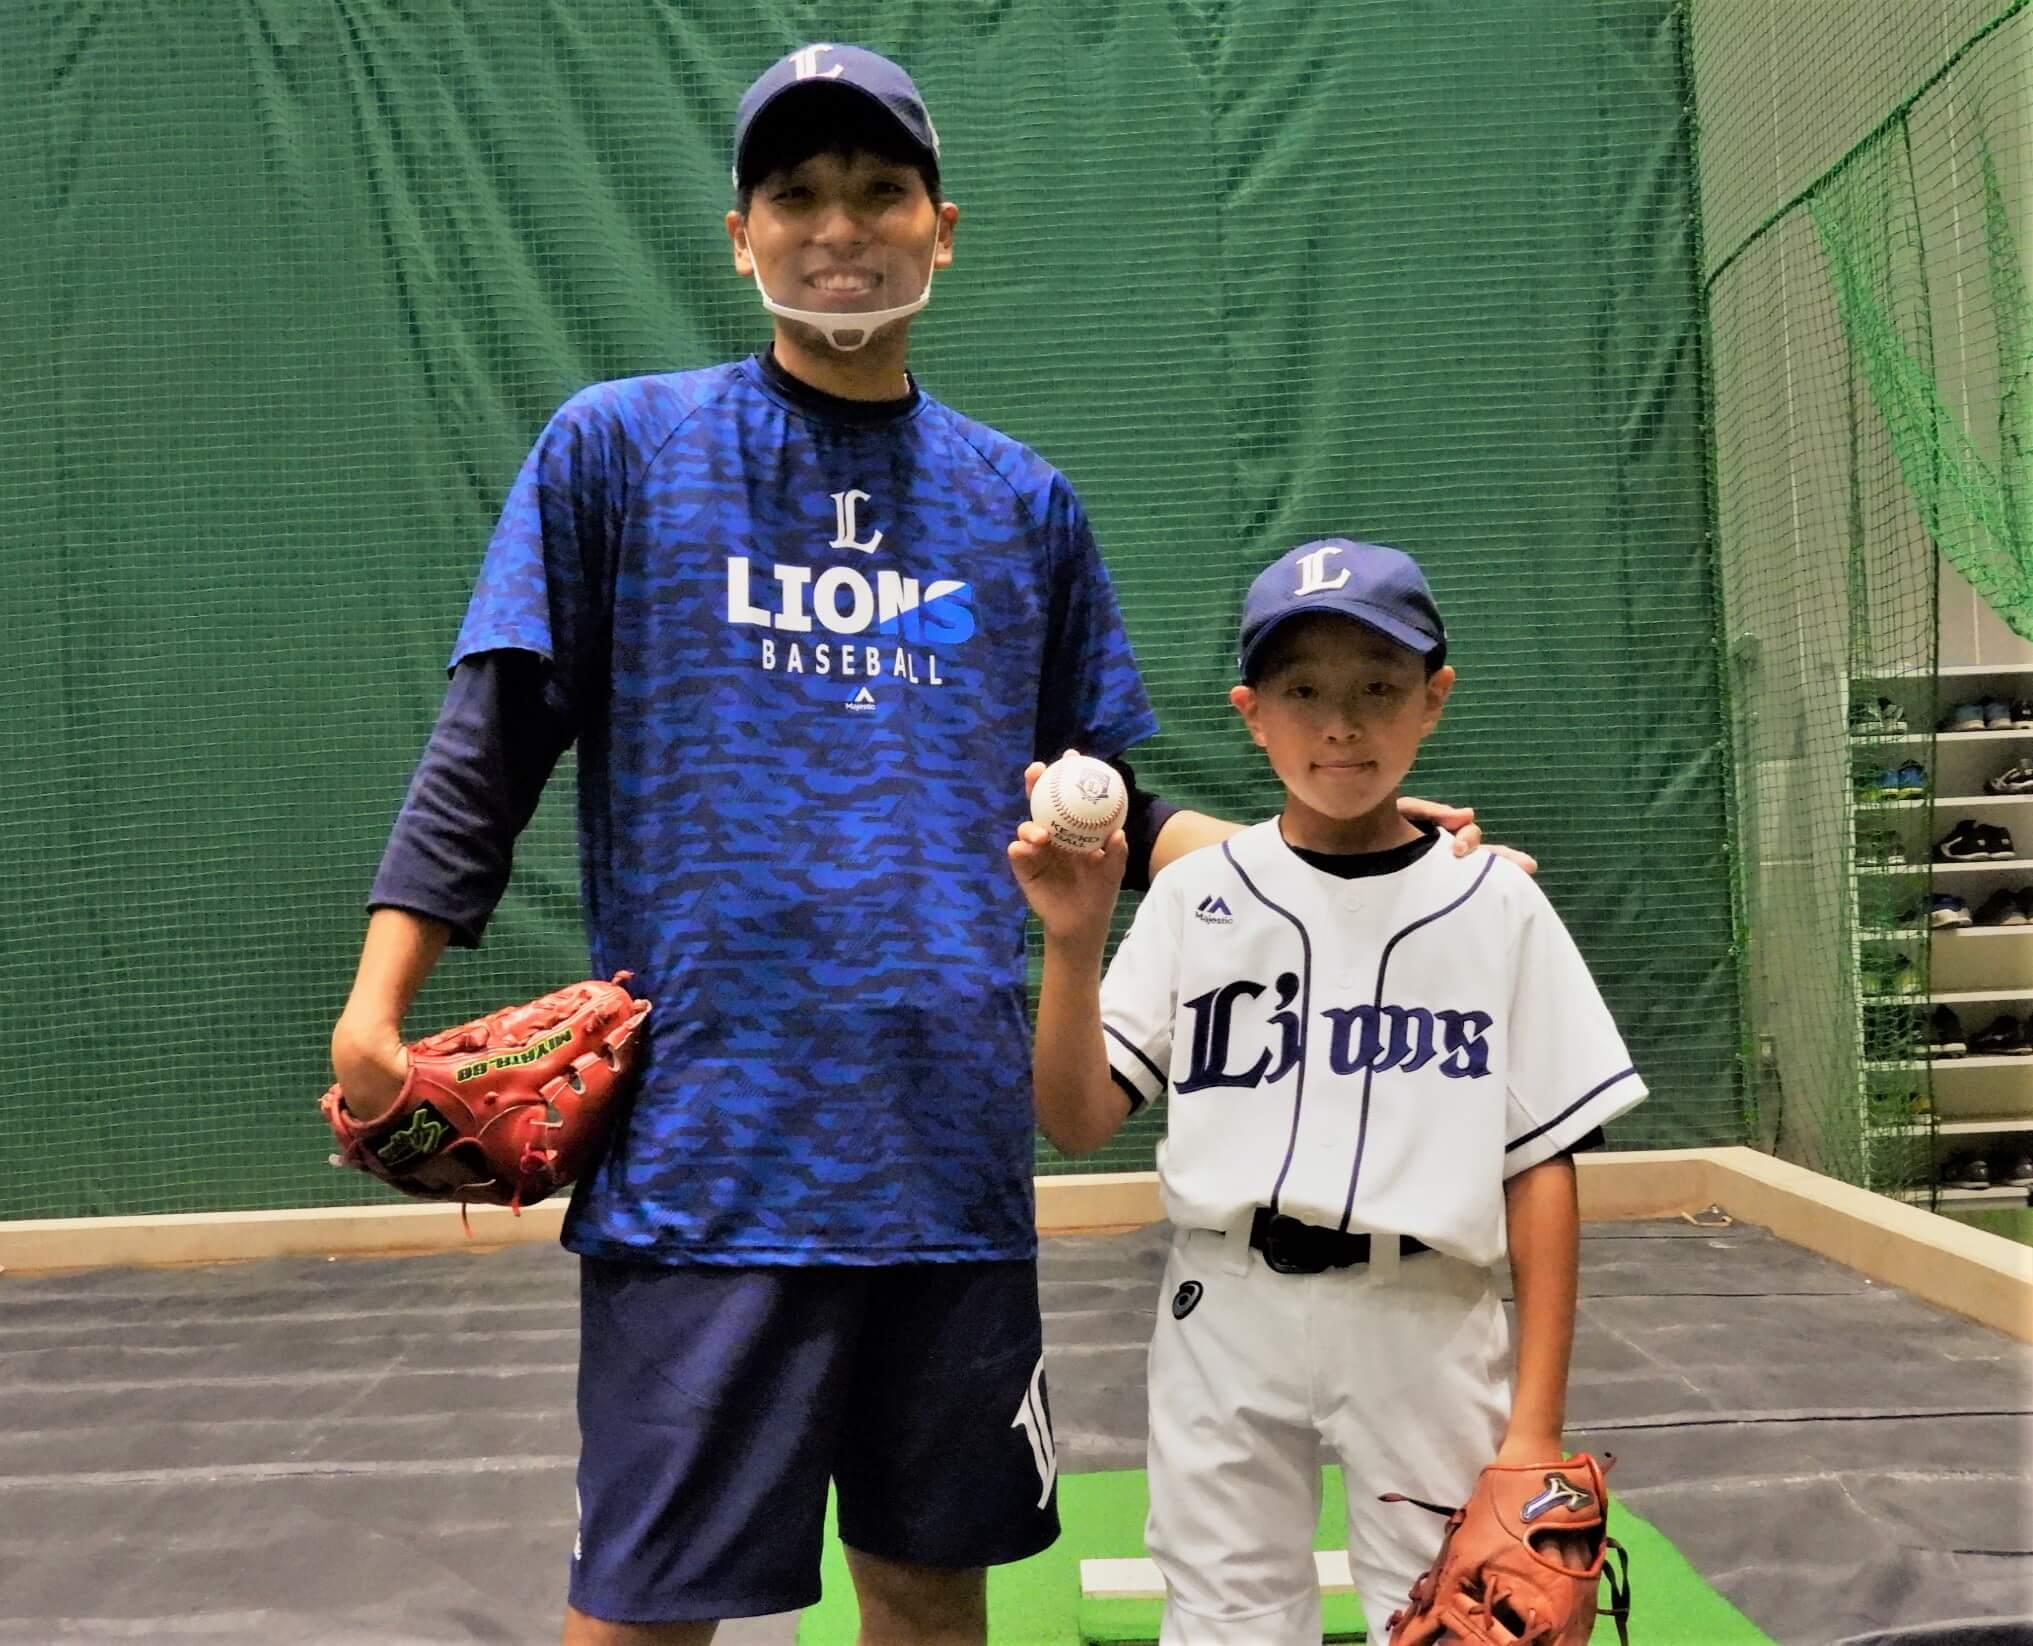 憧れの森友哉のミット目掛けてー大舞台で始球式を務めた野球少年【L-FRIENDS】(ライオンズナイター)